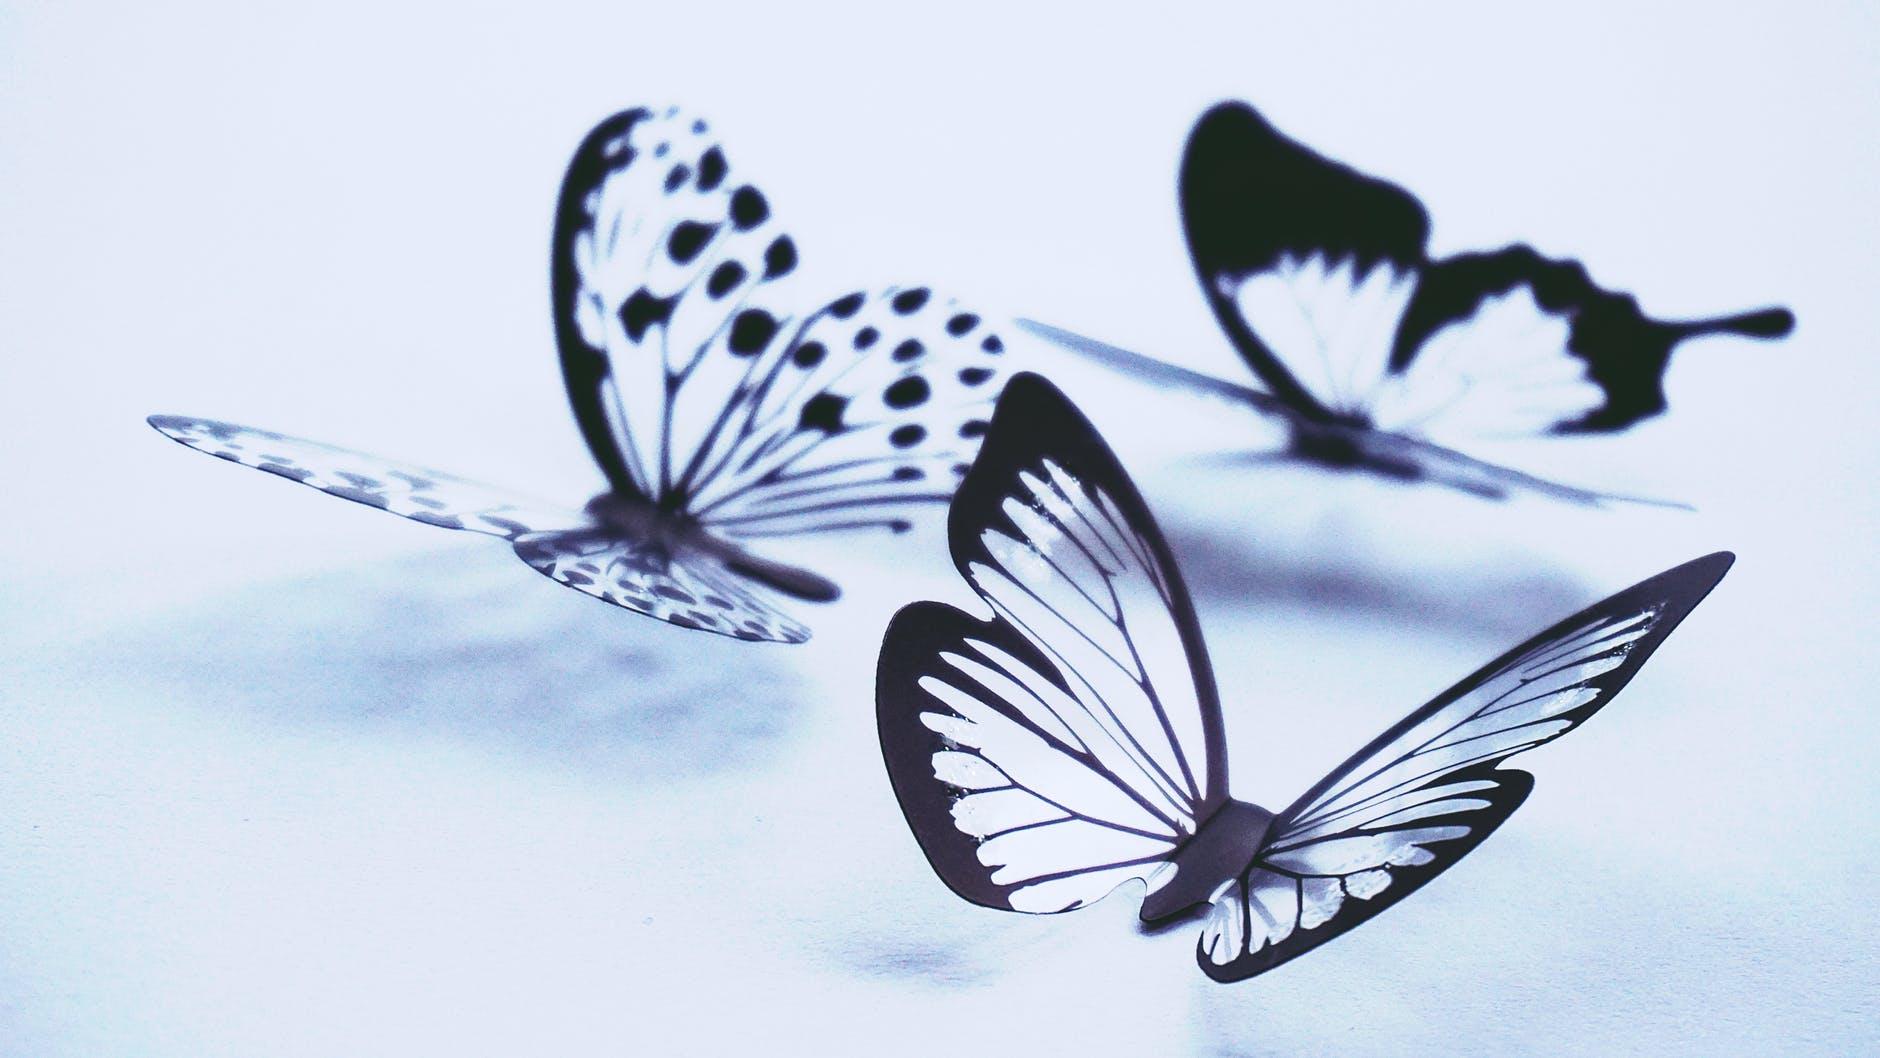 Viđate mnogo leptira? Znate li što vam to govori?